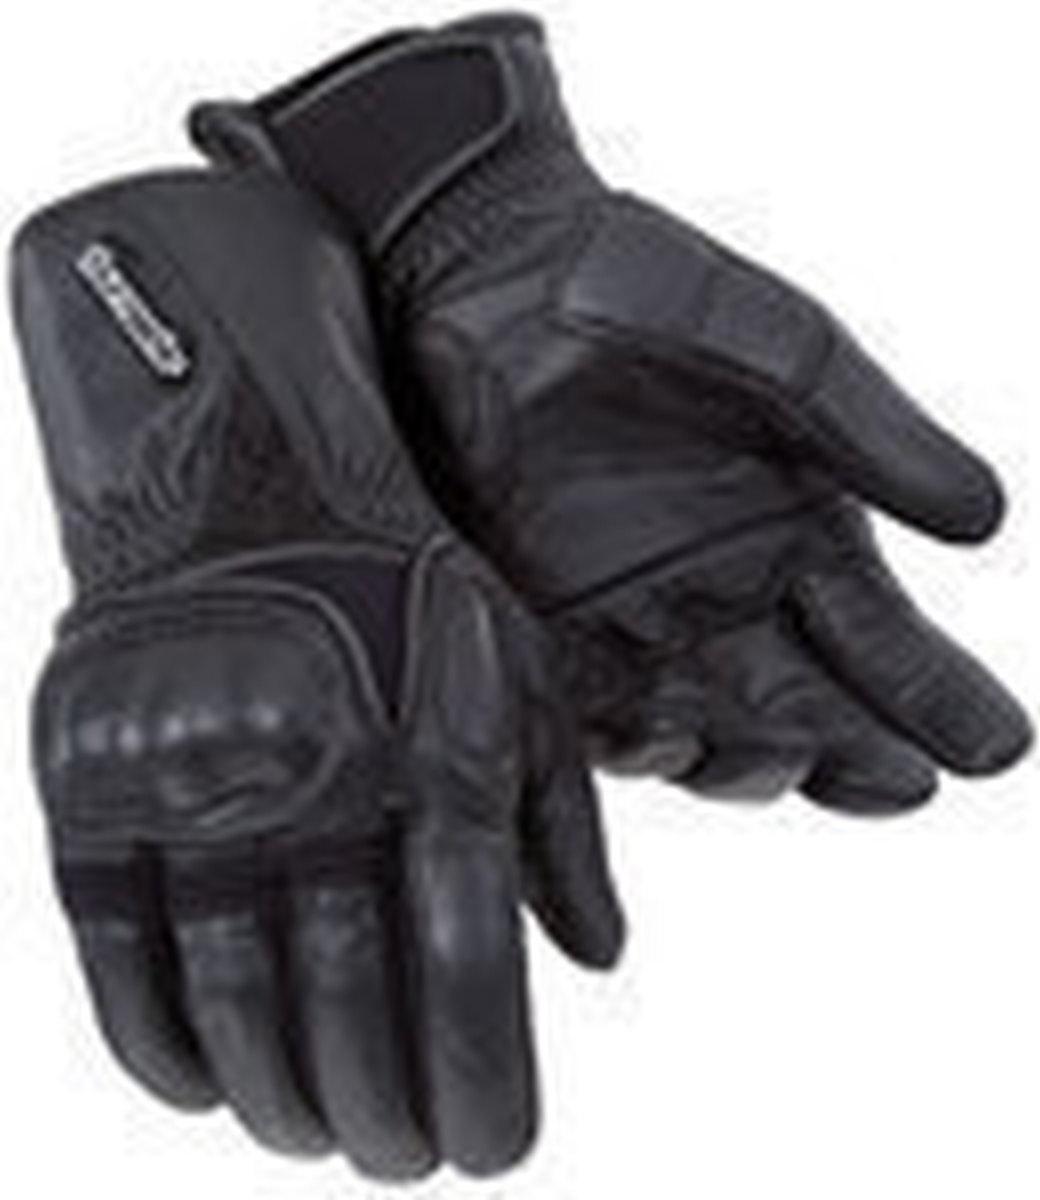 Adventure-Gel Glove